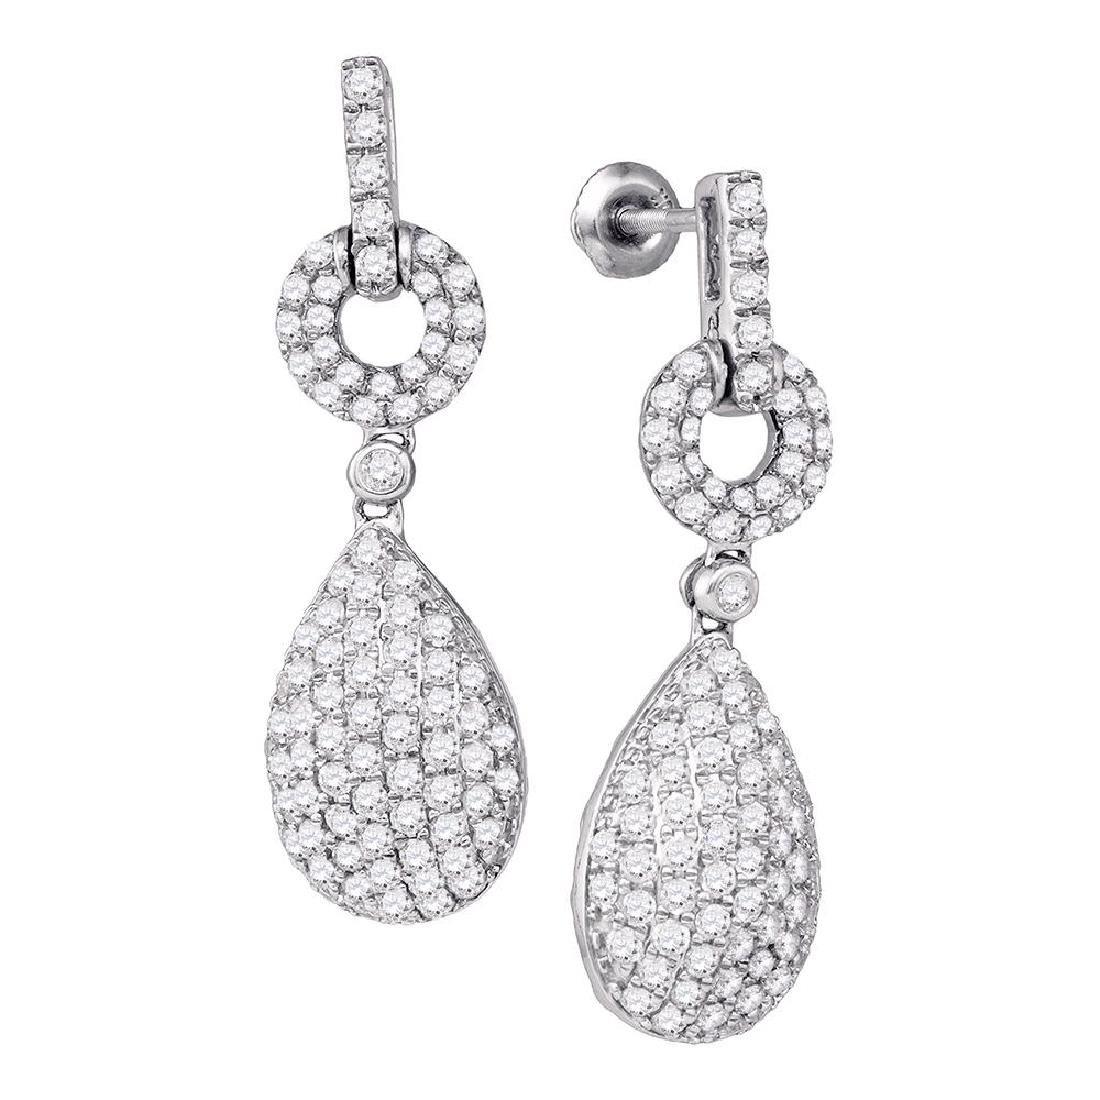 2 CTW Diamond Teardrop Dangle Earrings 10KT White Gold